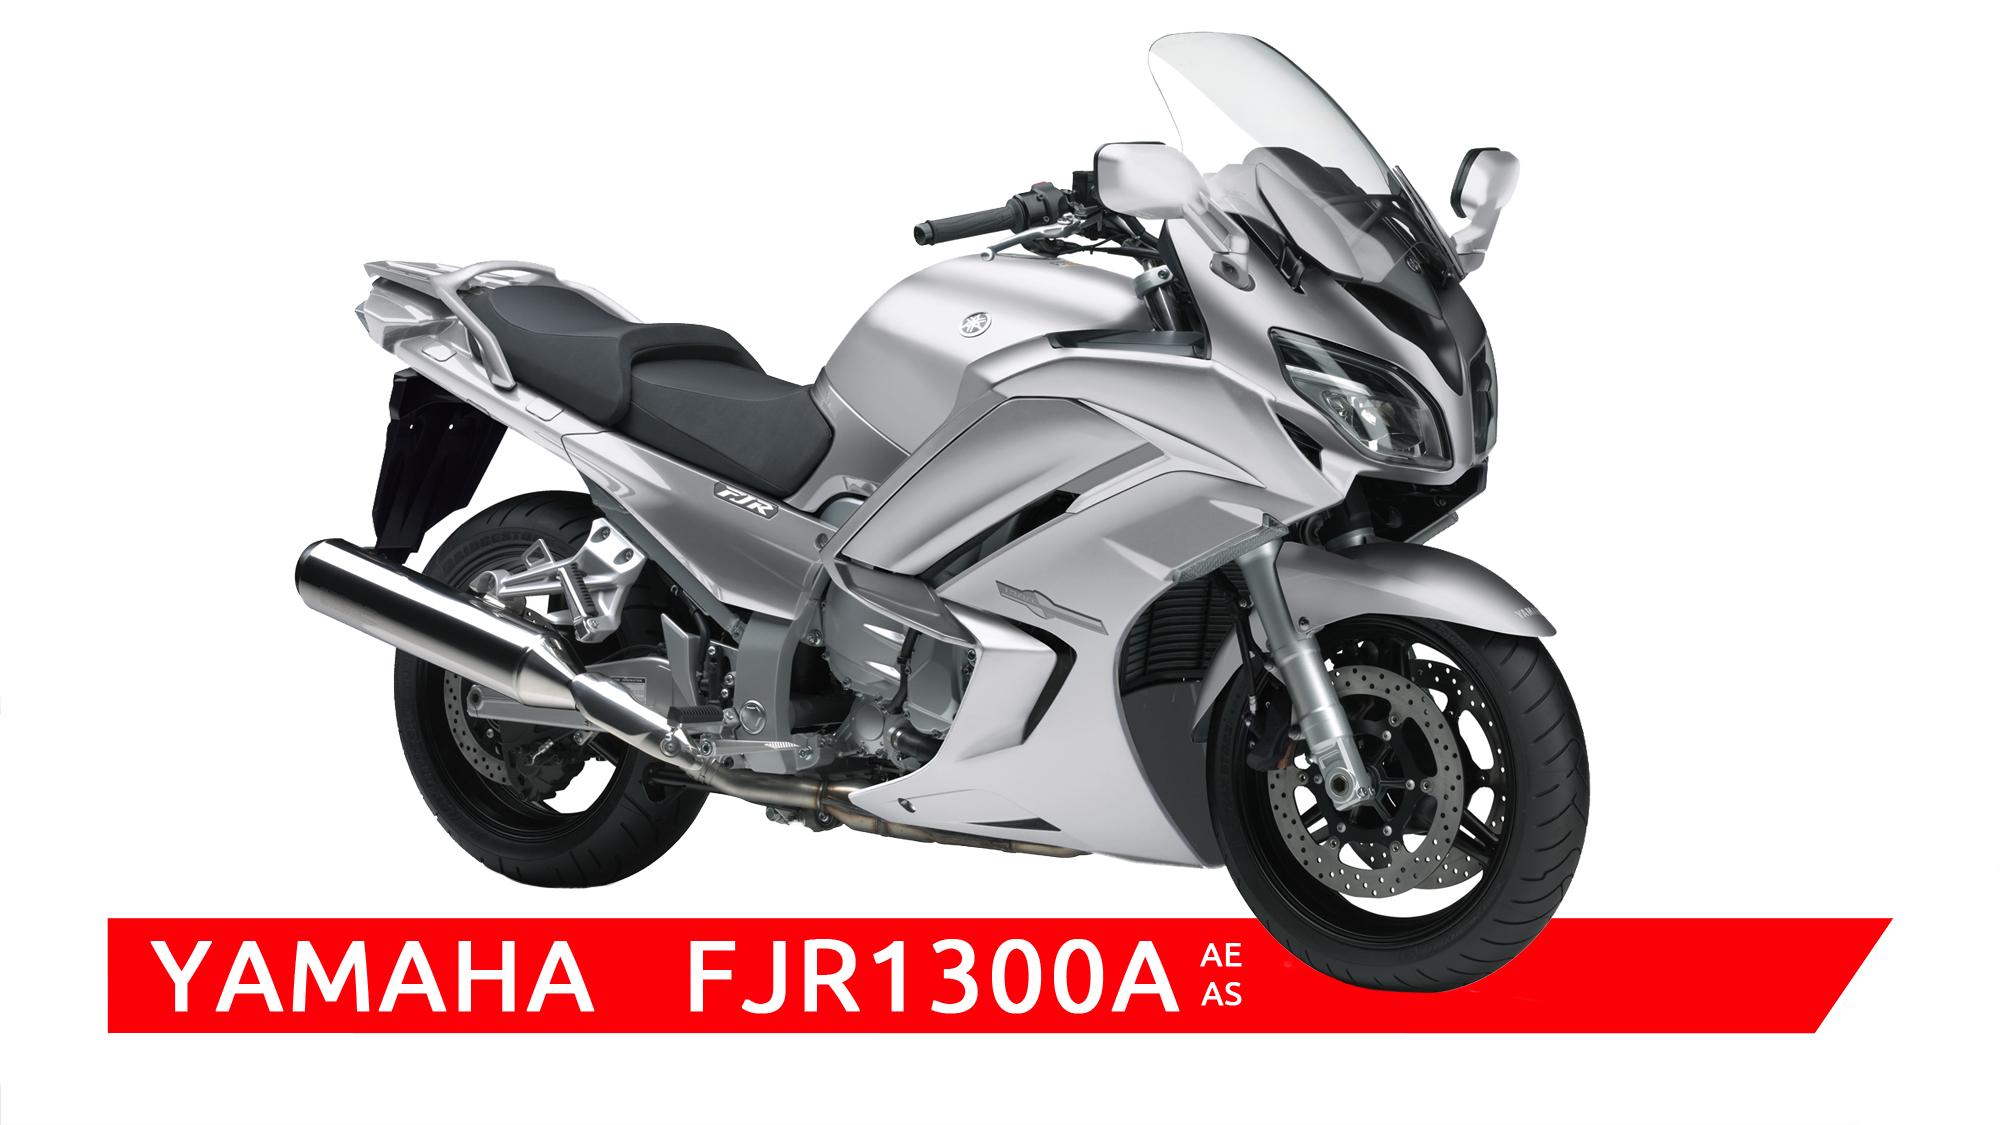 FJR 1300A / AE / AS